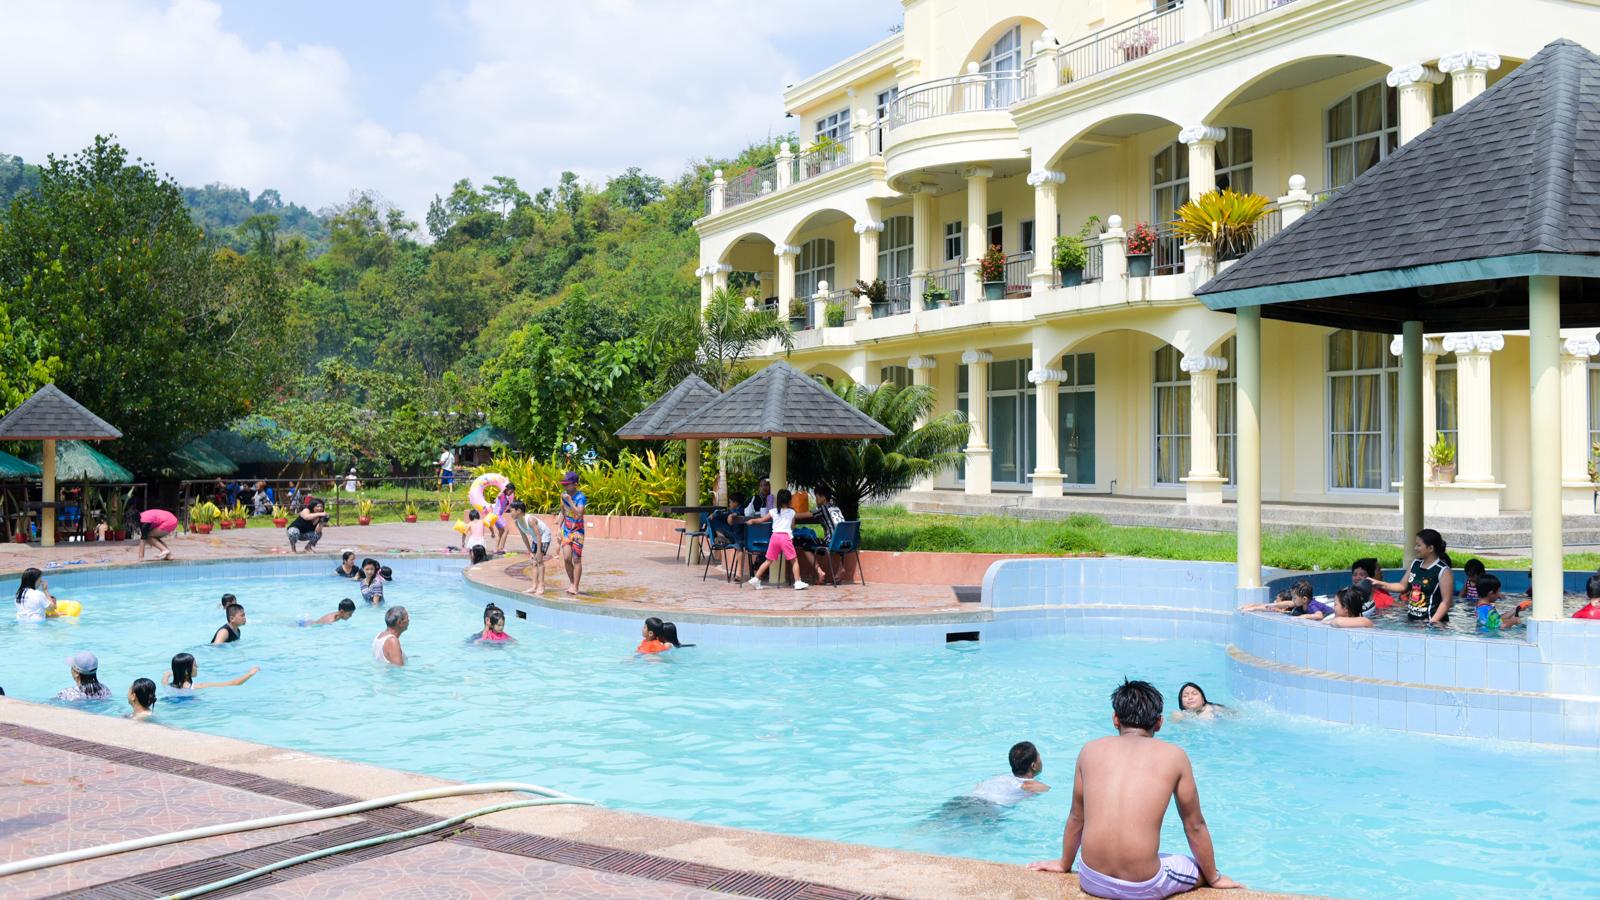 温泉にいこう!街から30分で行けるAsin Hot Springs【バギオで週末なにをする?】